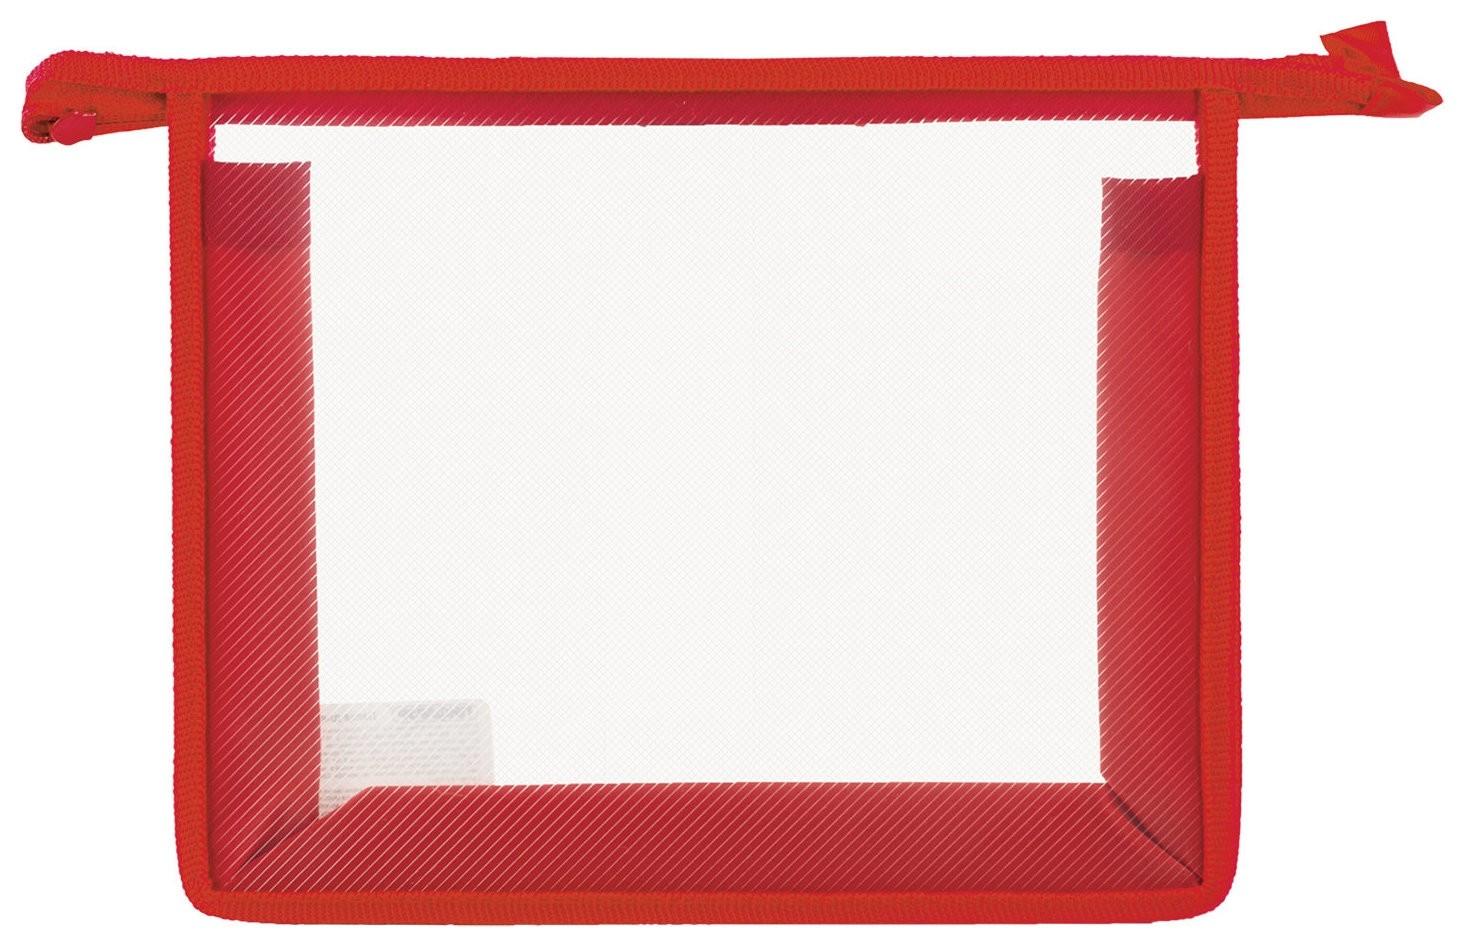 Папка для тетрадей а5 пластик, молния сверху, прозрачная, красная  Пифагор